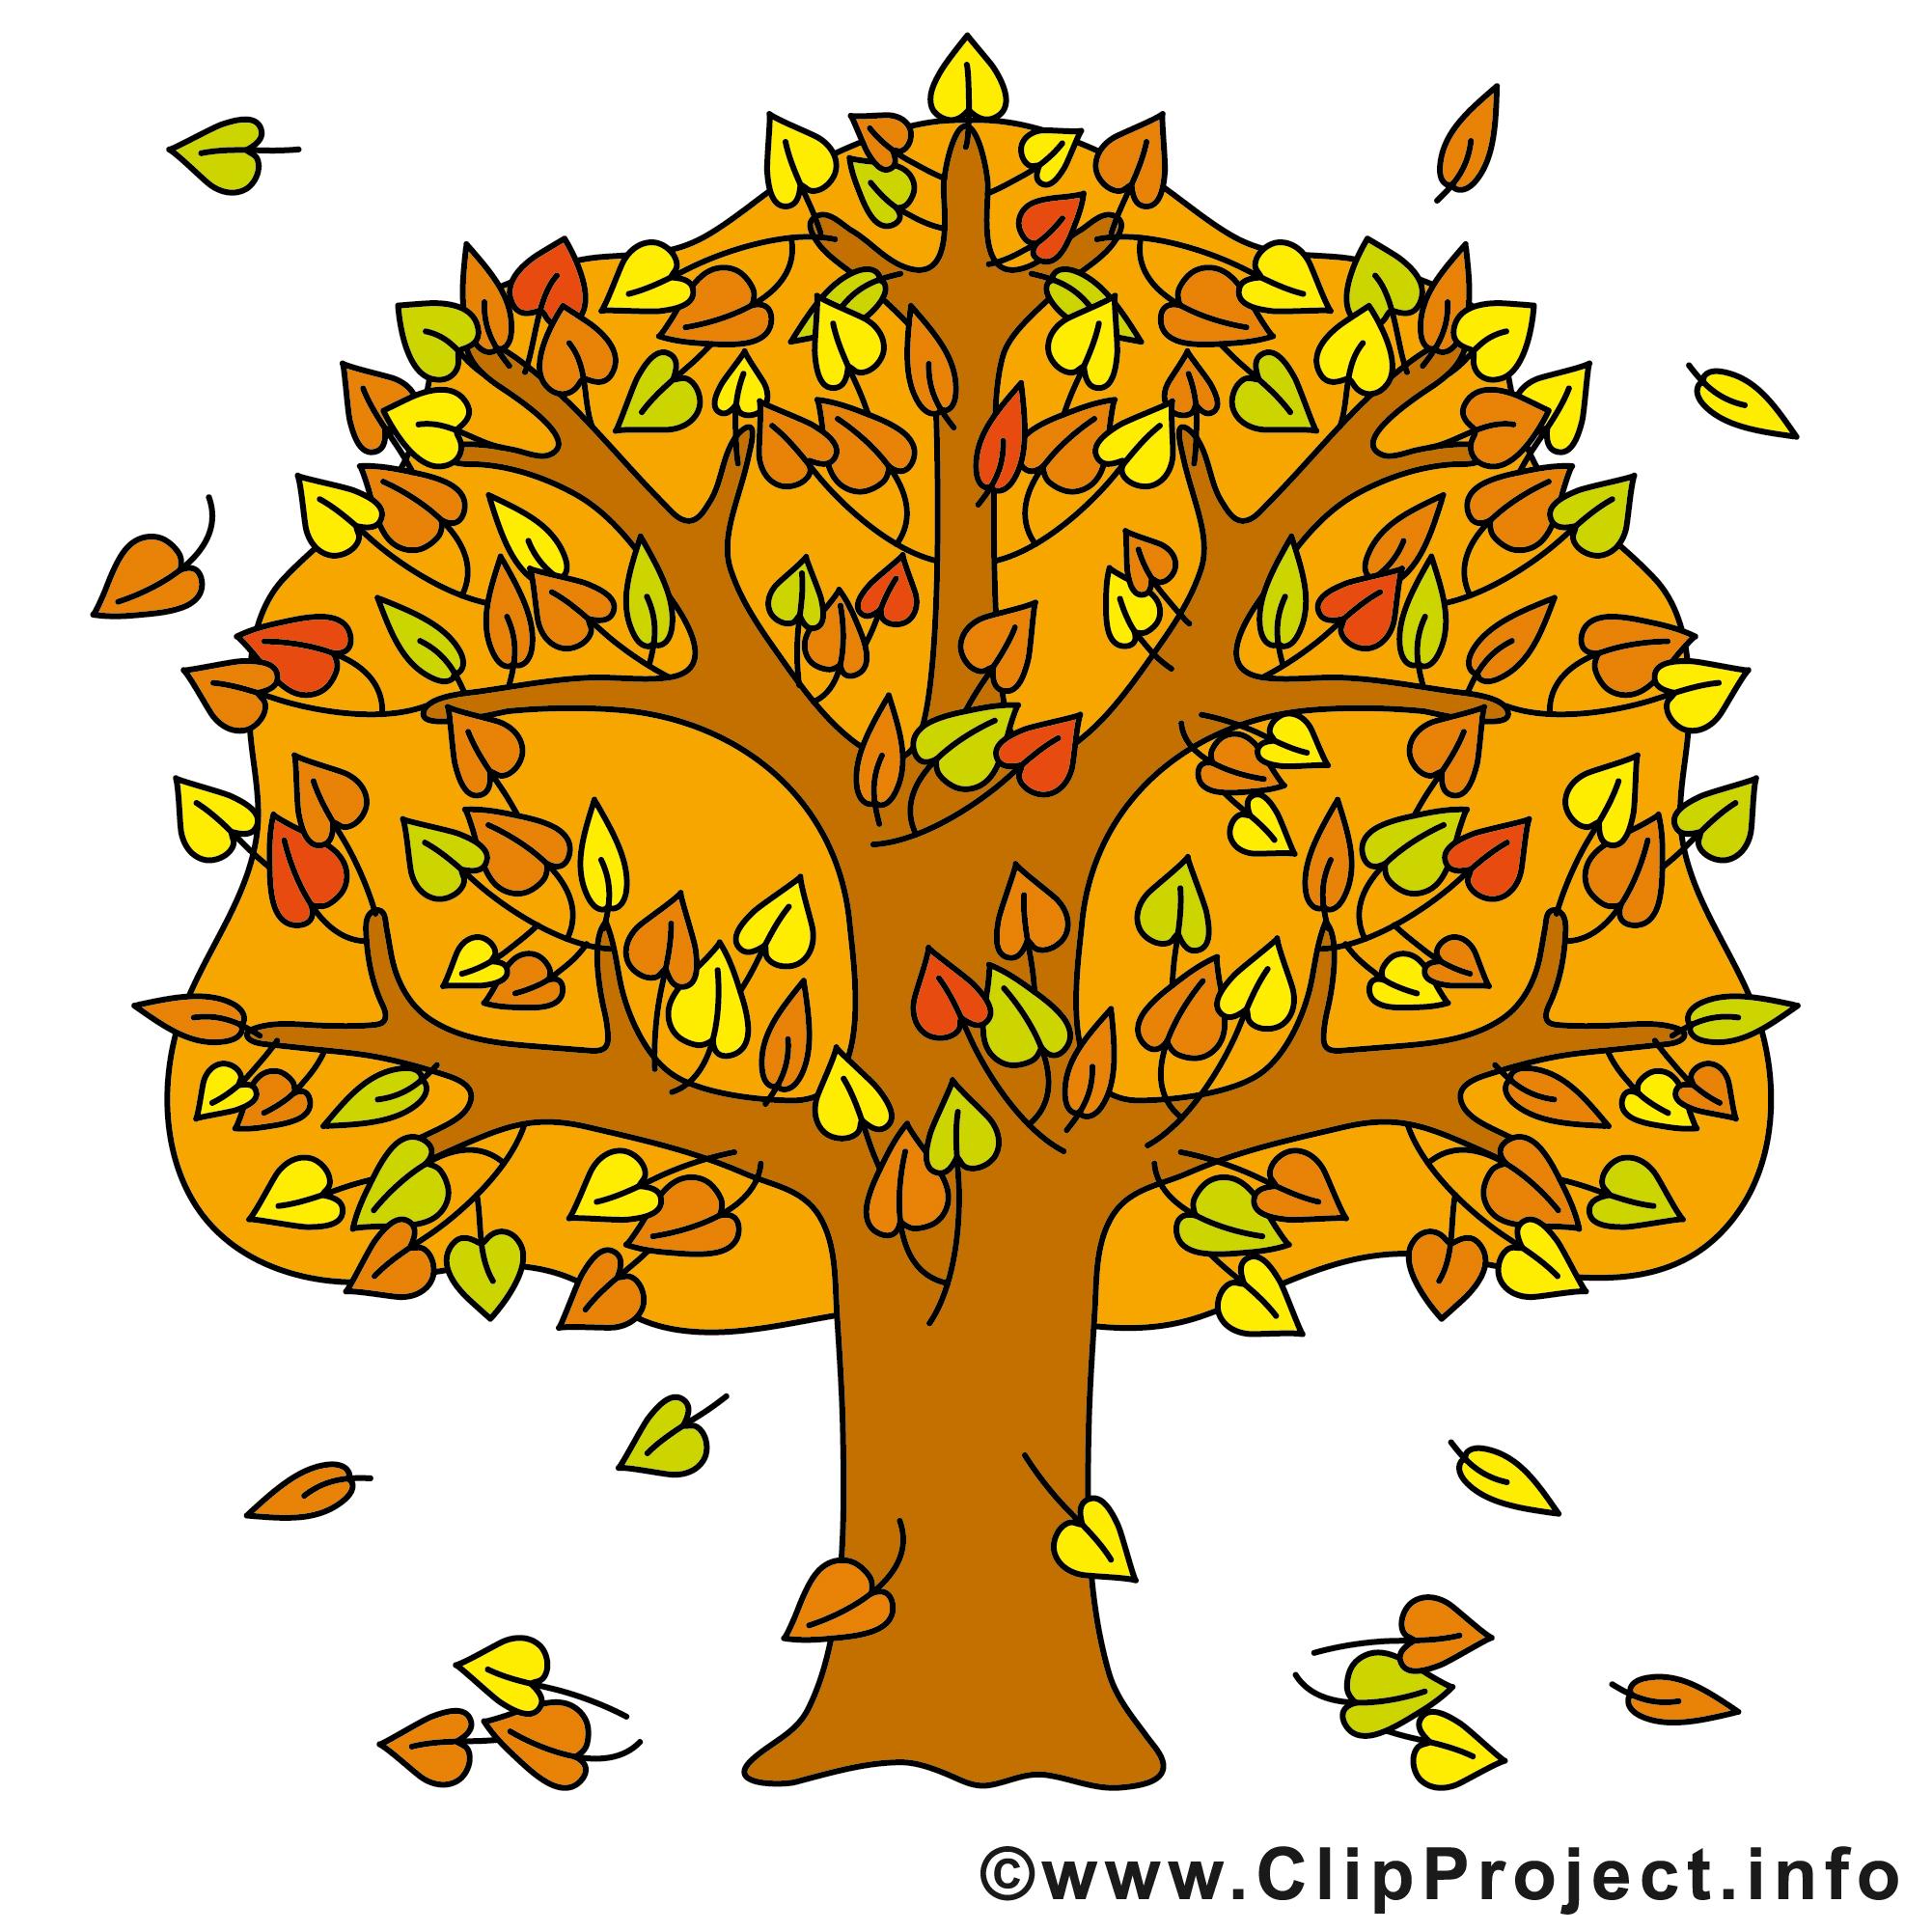 Arbre Images Gratuites Automne Clipart Automne Dessin Picture Image Graphic Clip Art Telecharger Gratuit